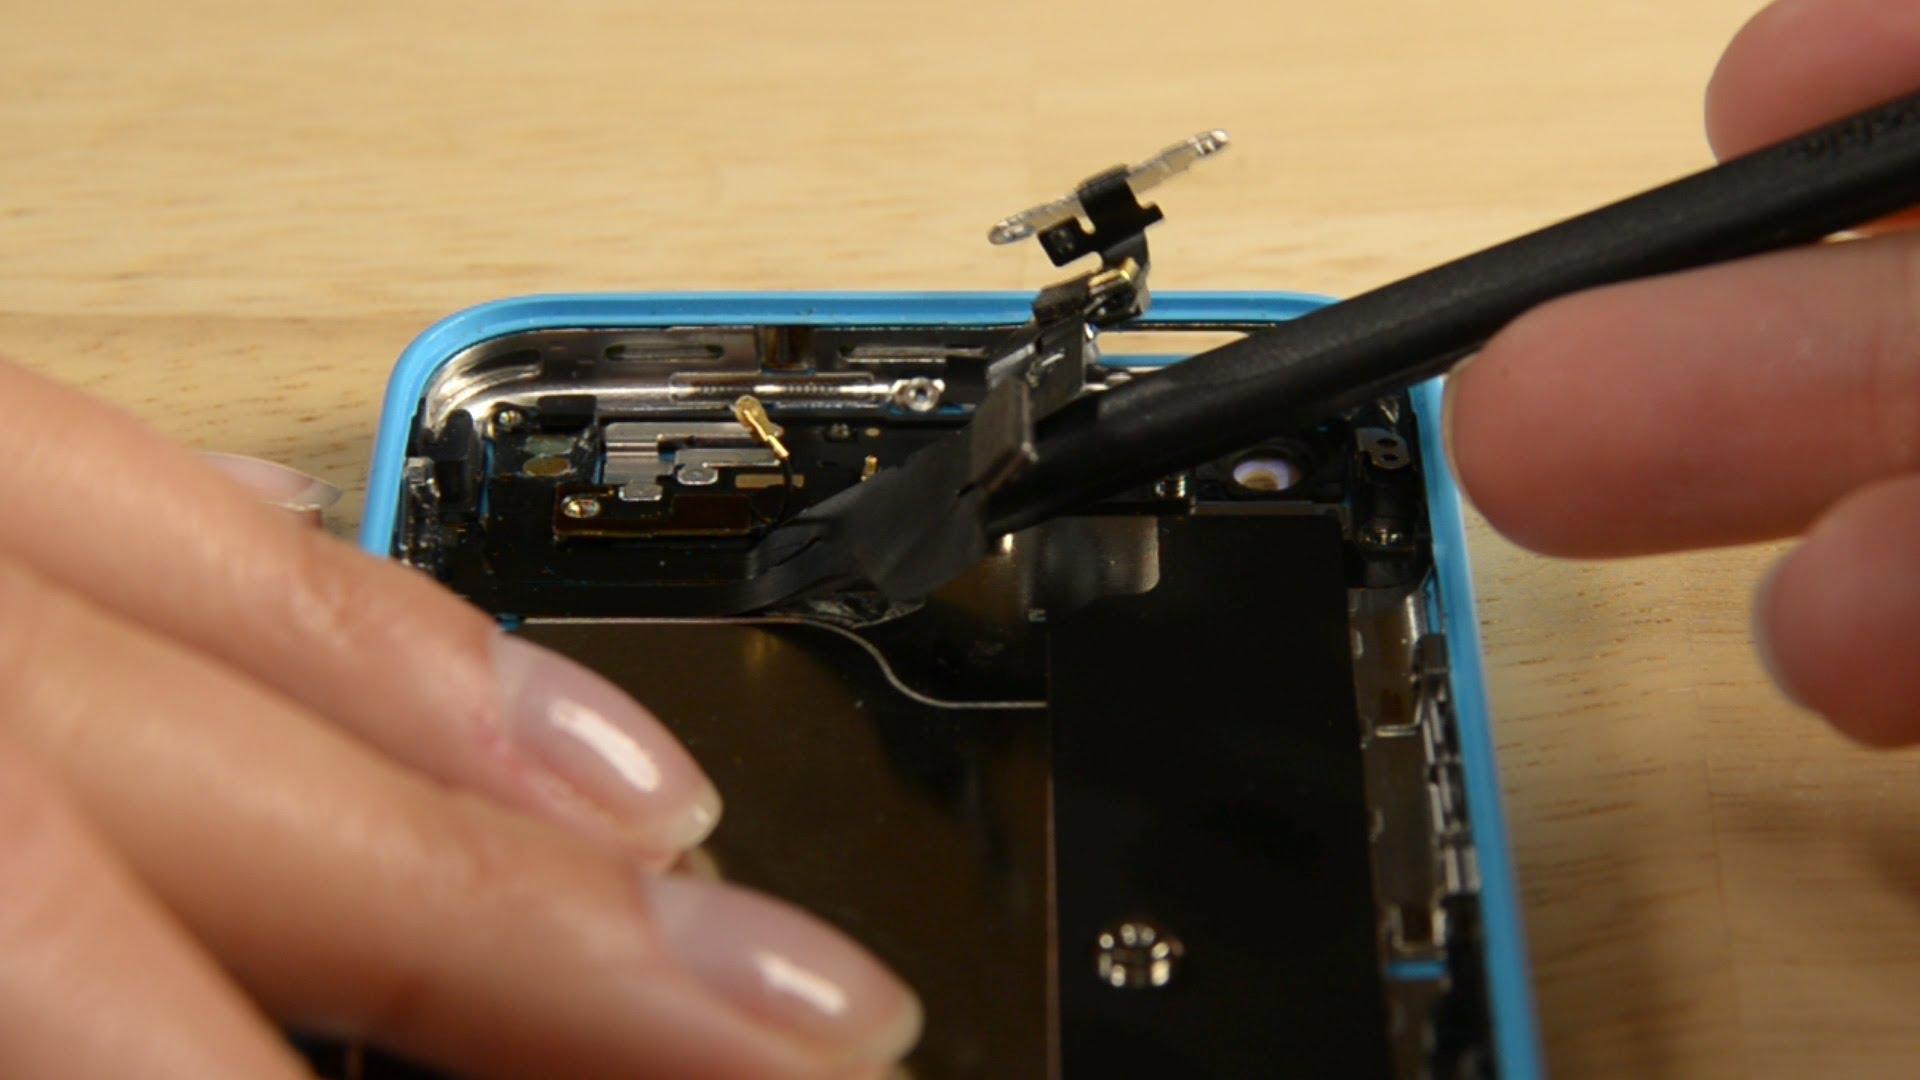 iPhone5C スリープボタン・バイブスイッチ・ボリュームボタン ケーブル交換修理方法動画